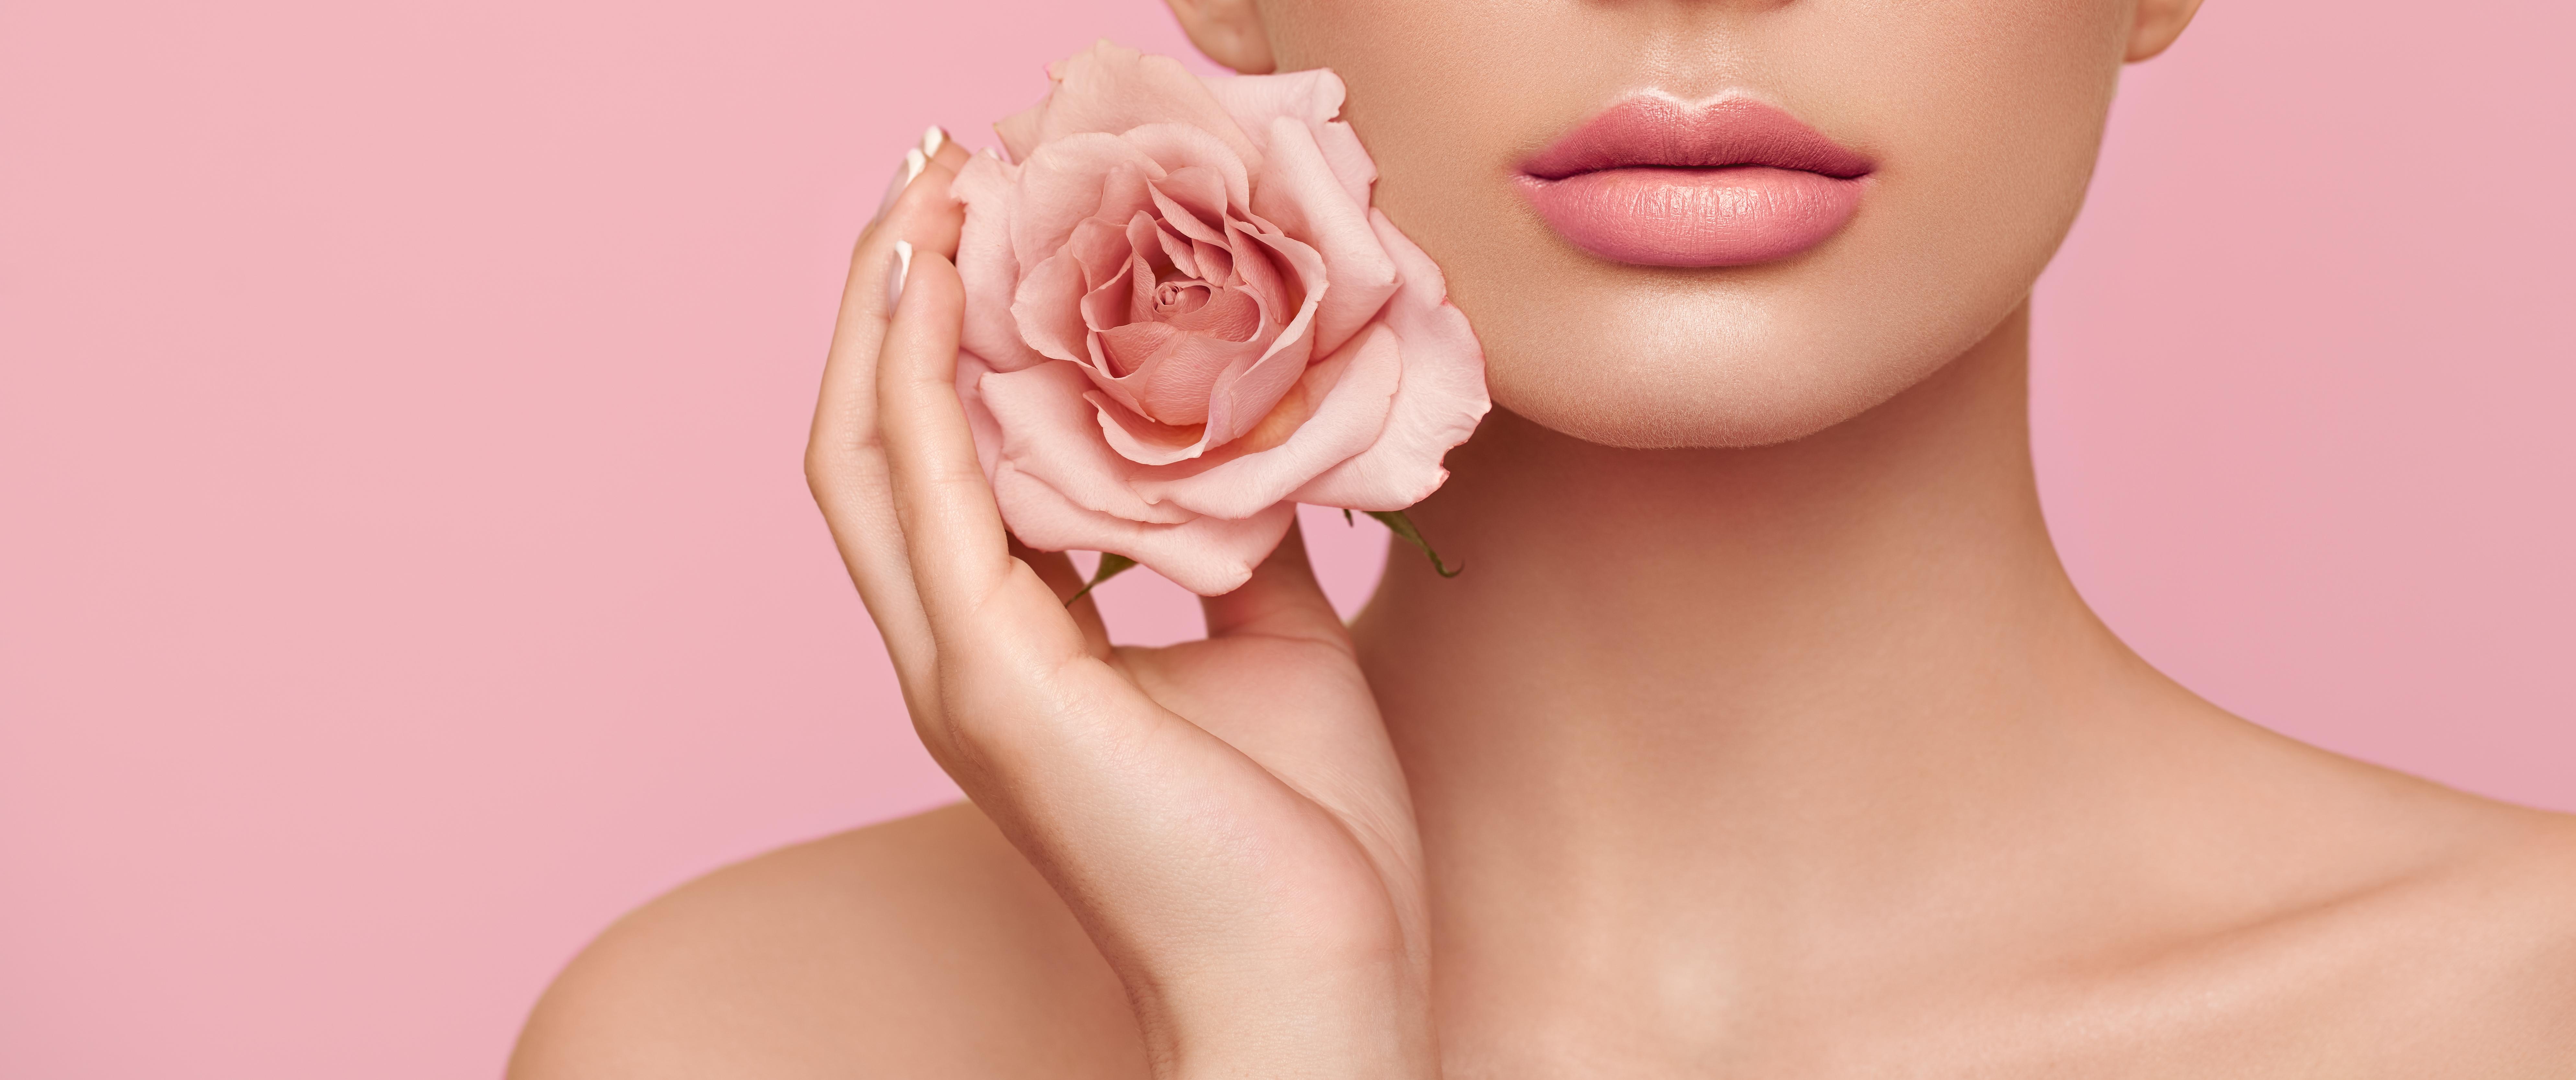 Kraljica ljepote koju su obožavale vladarice: 10 fascinantnih priča o ruži koje niste znali